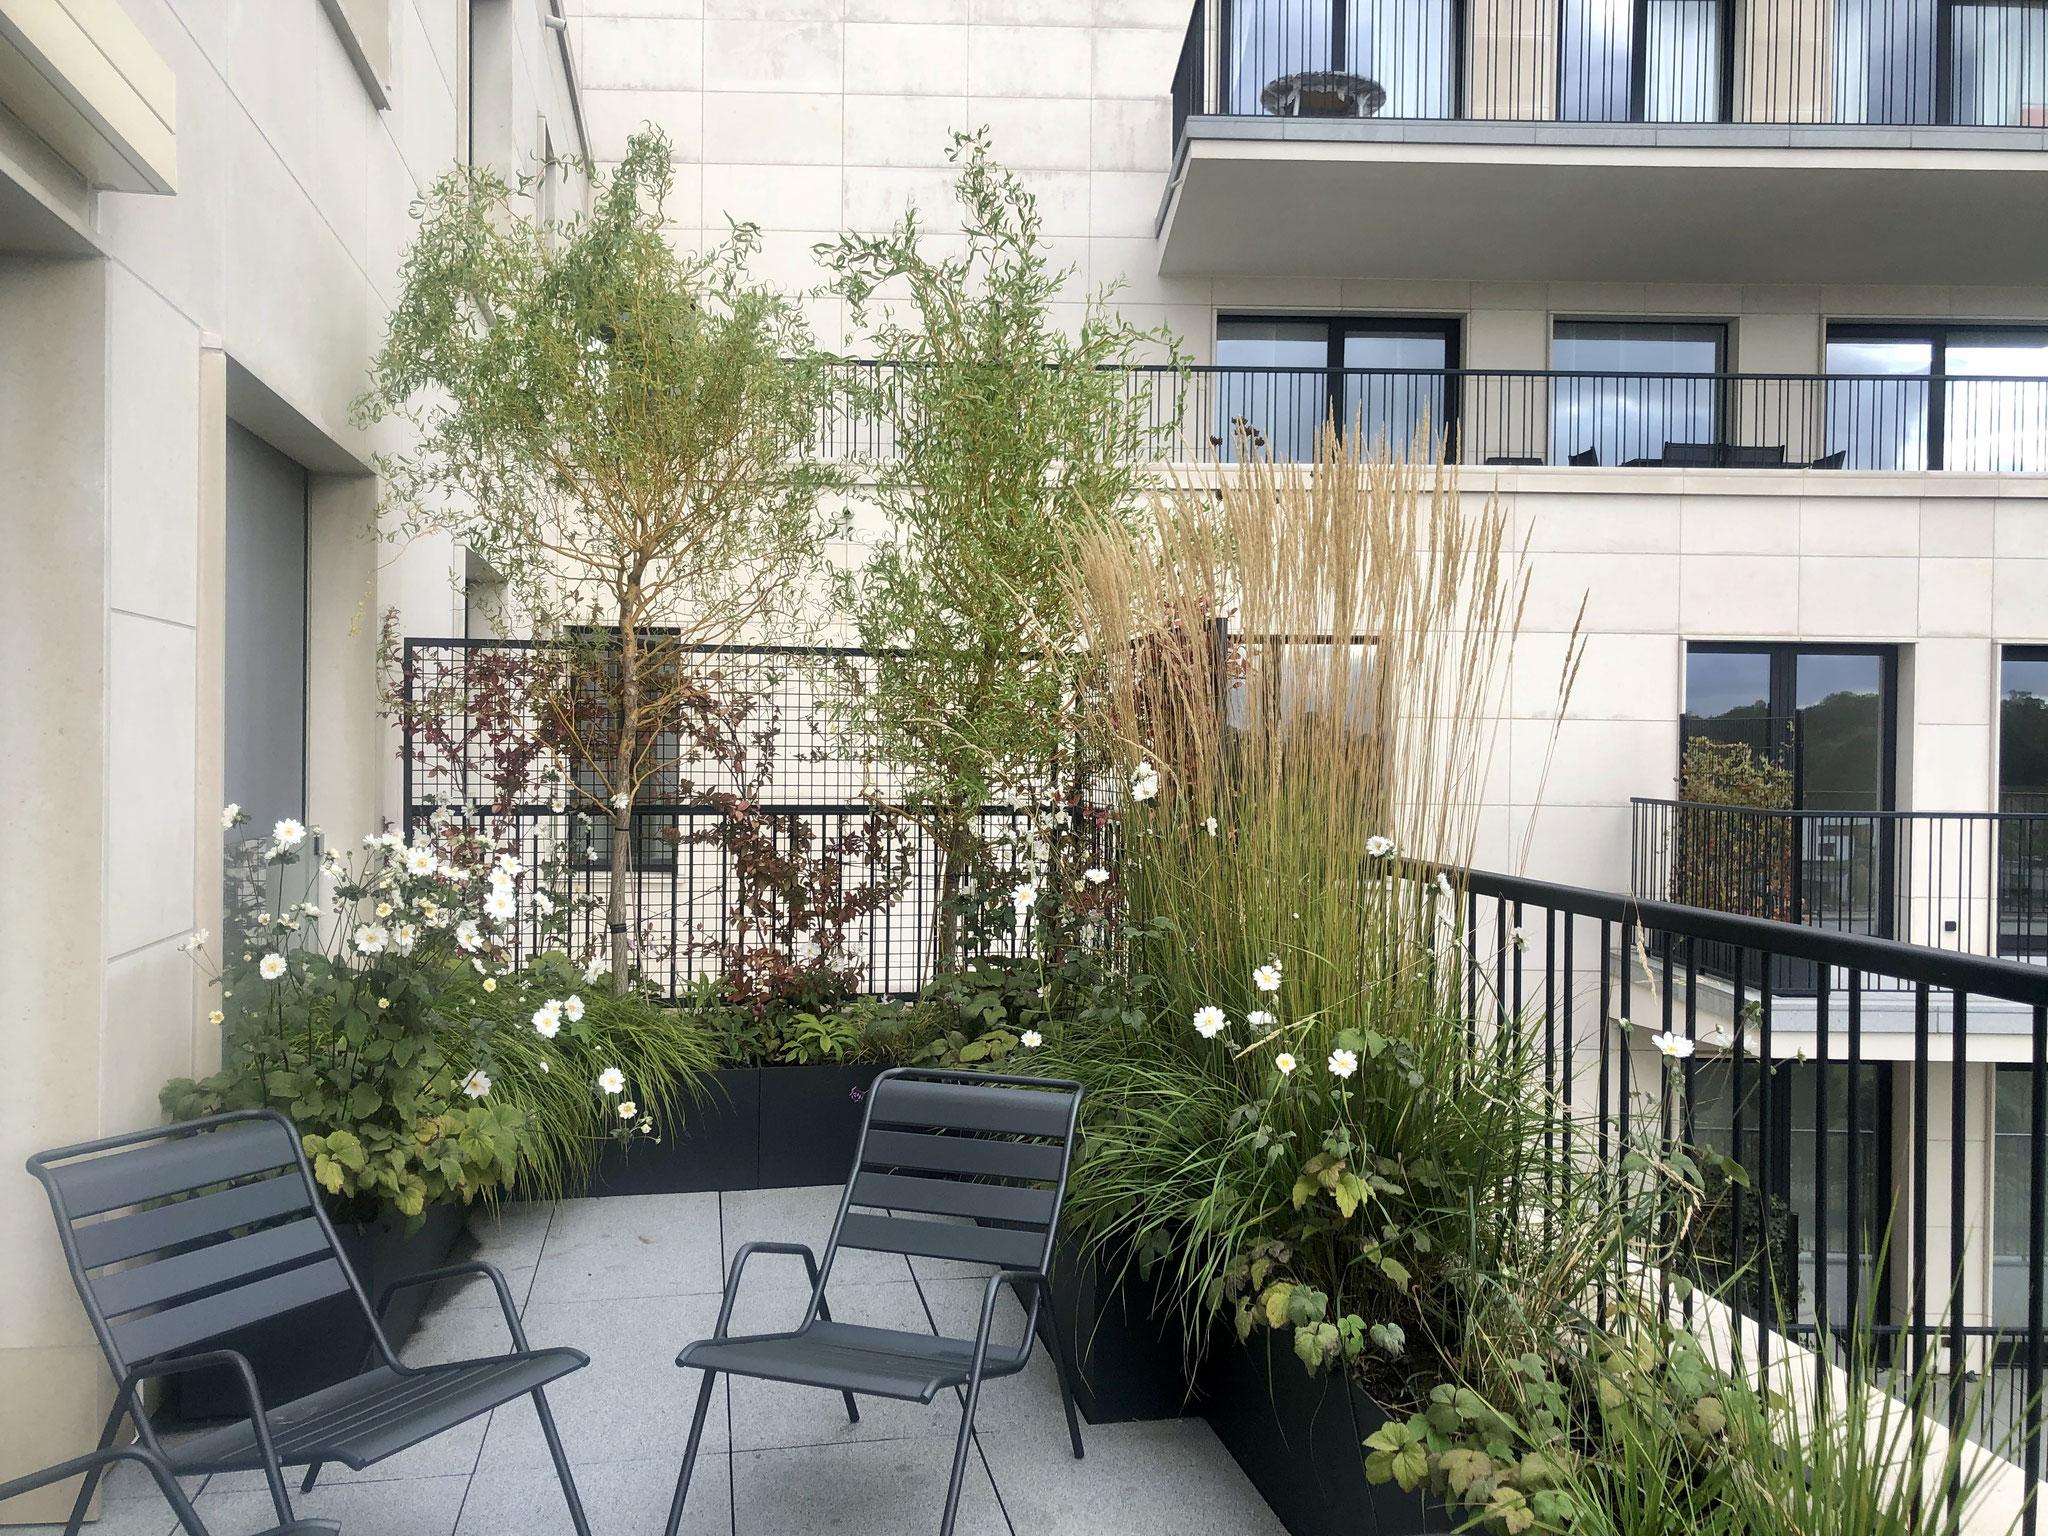 Terrasse de 25m2 - Jardin naturalliste - Partie Prairie / Bord d'eau. Aménagement jardin Bruxelles